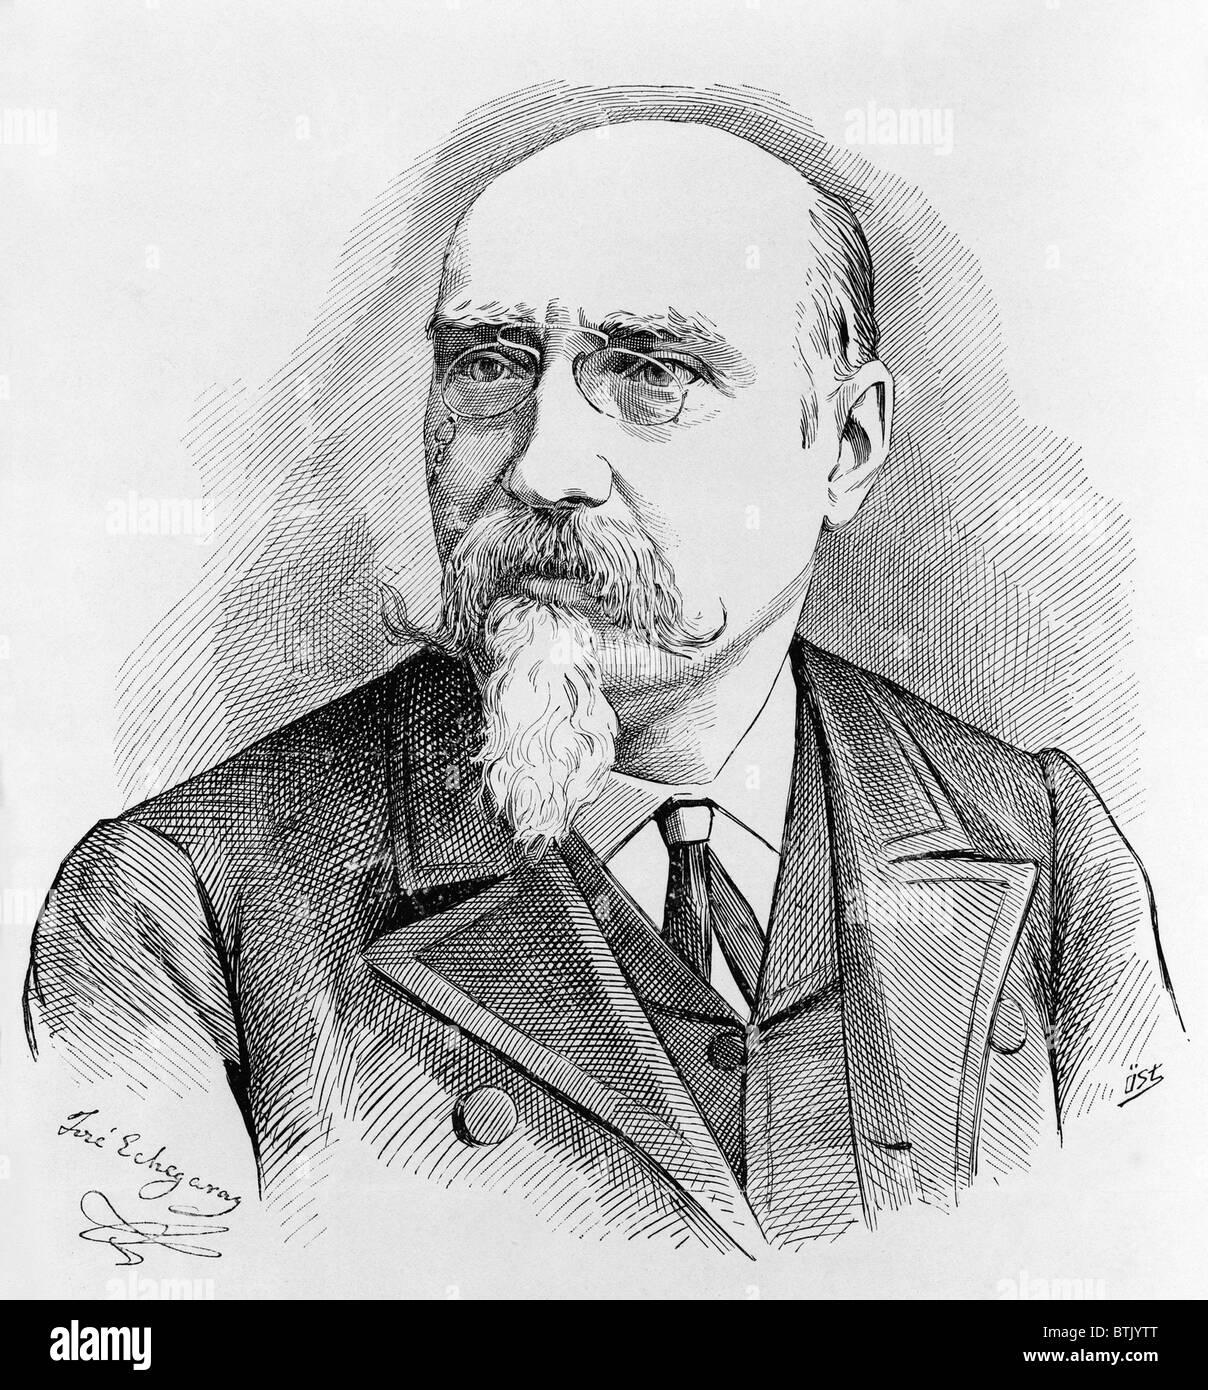 Spanischer Dramatiker José Echegaray (1832-1916) gewann den 1904 Nobelpreis für Literatur. Stockbild